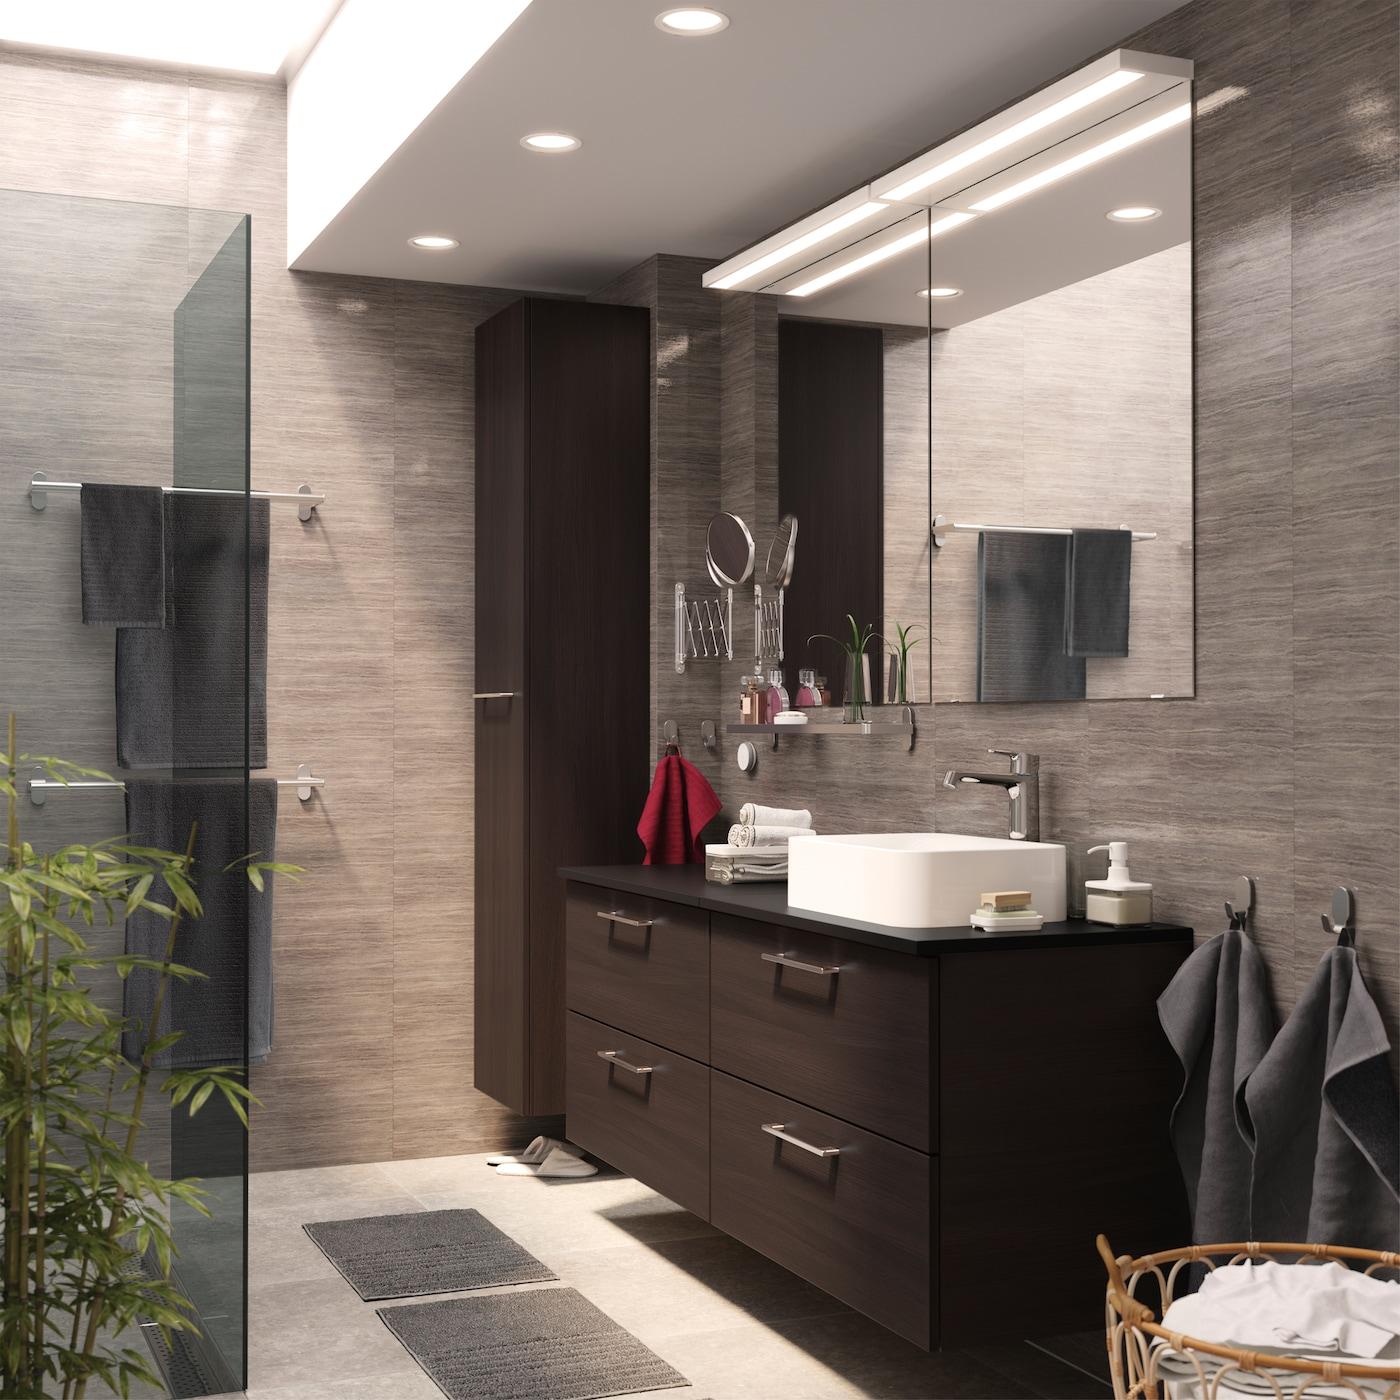 Les secrets d 39 une salle de bain bien rang e ikea - Luminaire pour salle de bain ikea ...